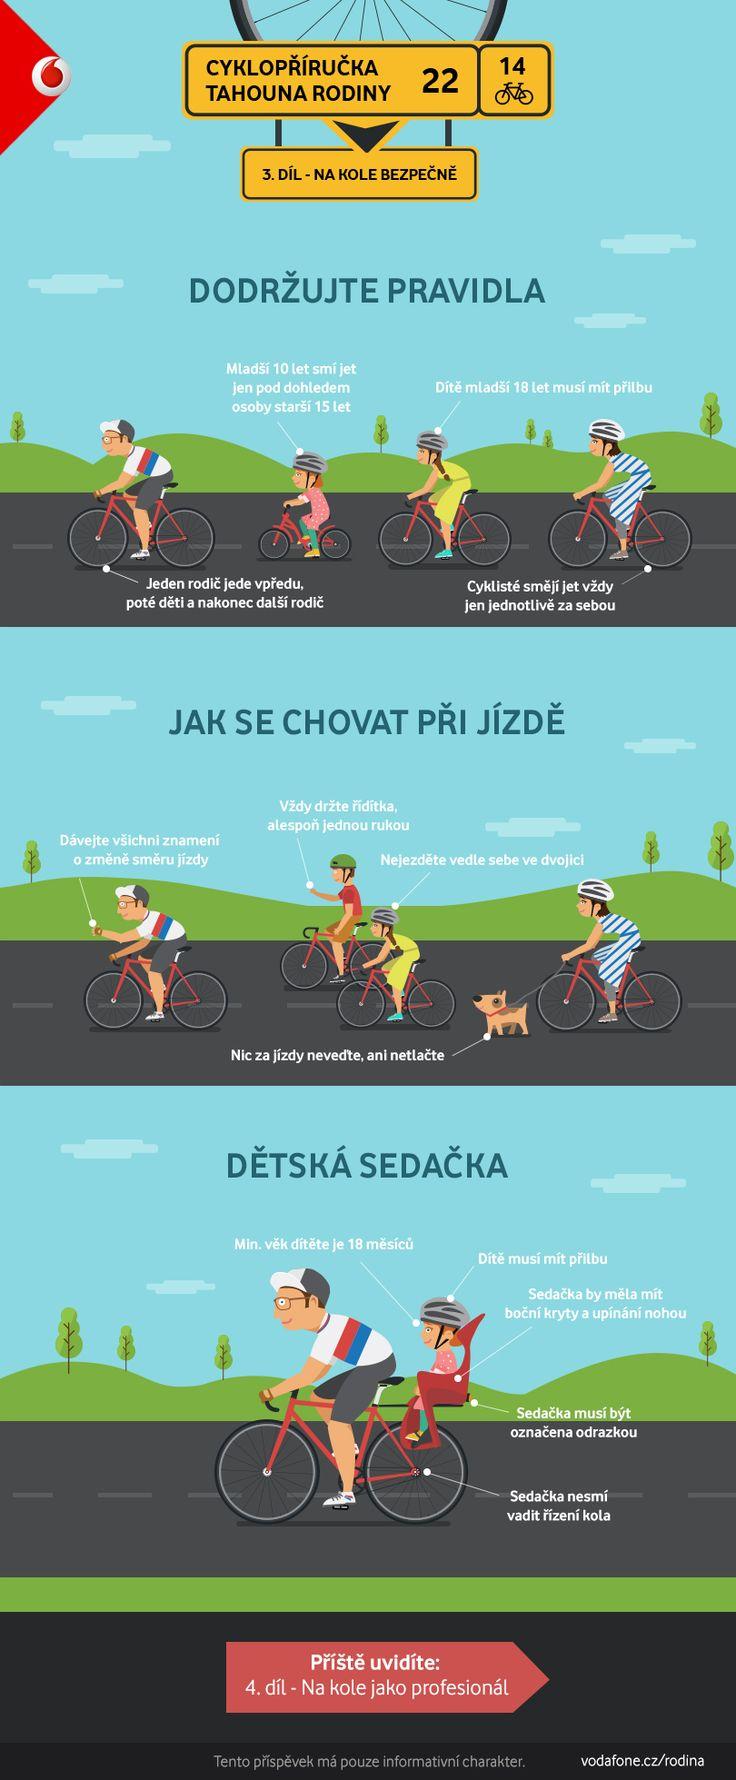 Bezpečnost především! Je tu další díl naší cyklopříručky pro tahouny rodiny. Tentokrát o tom, jak se na kole chovat, aby se nikomu nic nestalo.